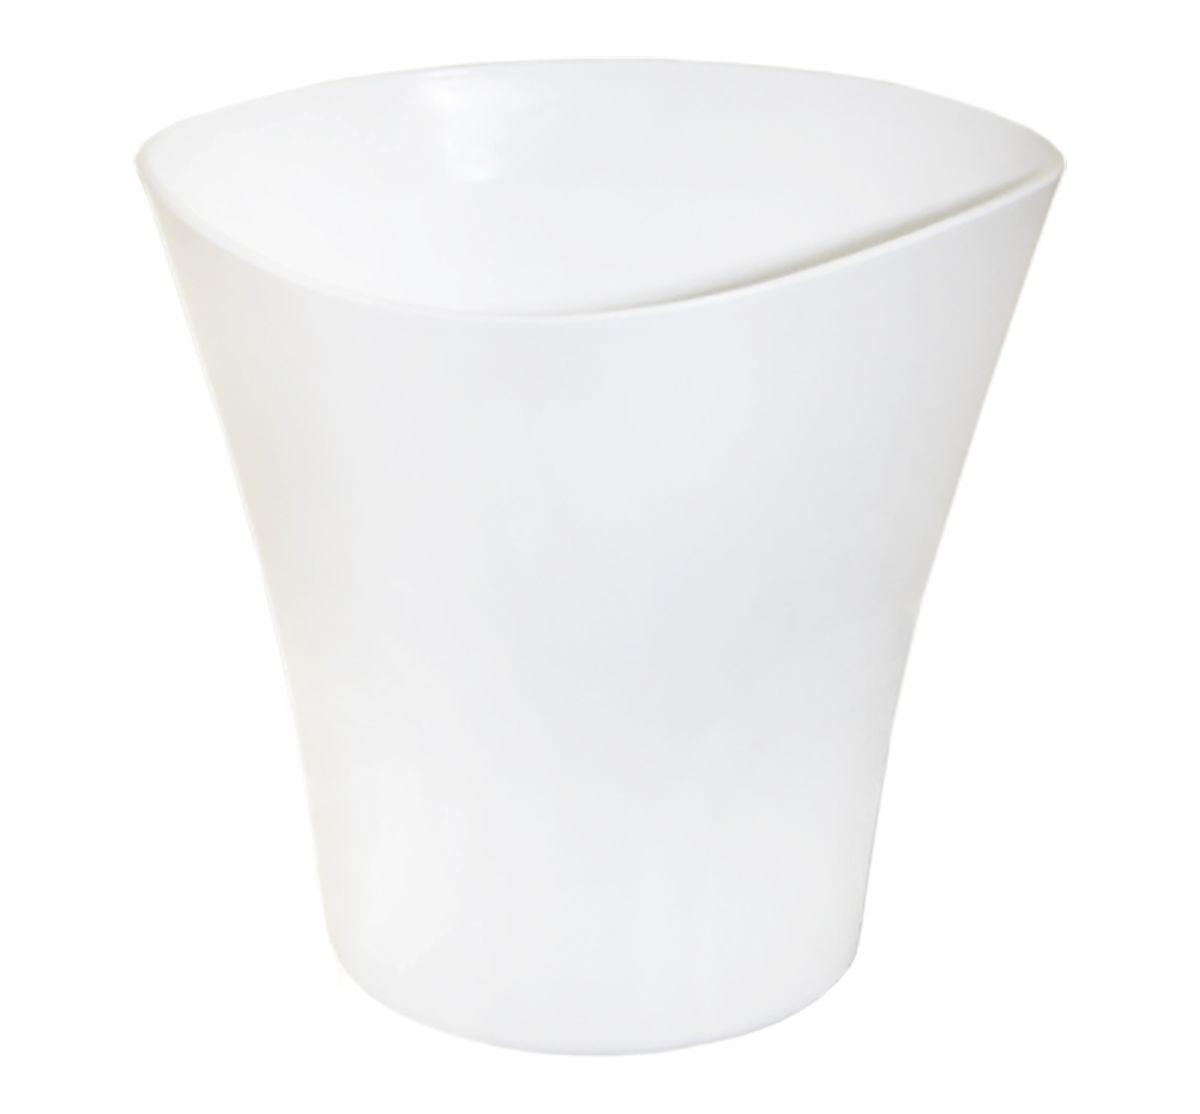 Кашпо JetPlast Волна, цвет: белый, 1,5 л4612754050345Кашпо Волна имеет уникальную форму, сочетающуюся как с классическим, так и с современным дизайном интерьера. Оно изготовлено из прочного полипропилена (пластика) и предназначено для выращивания растений, цветов и трав в домашних условиях. Такое кашпо порадует вас функциональностью, а благодаря лаконичному дизайну впишется в любой интерьер помещения. Объем кашпо: 1,5 л.